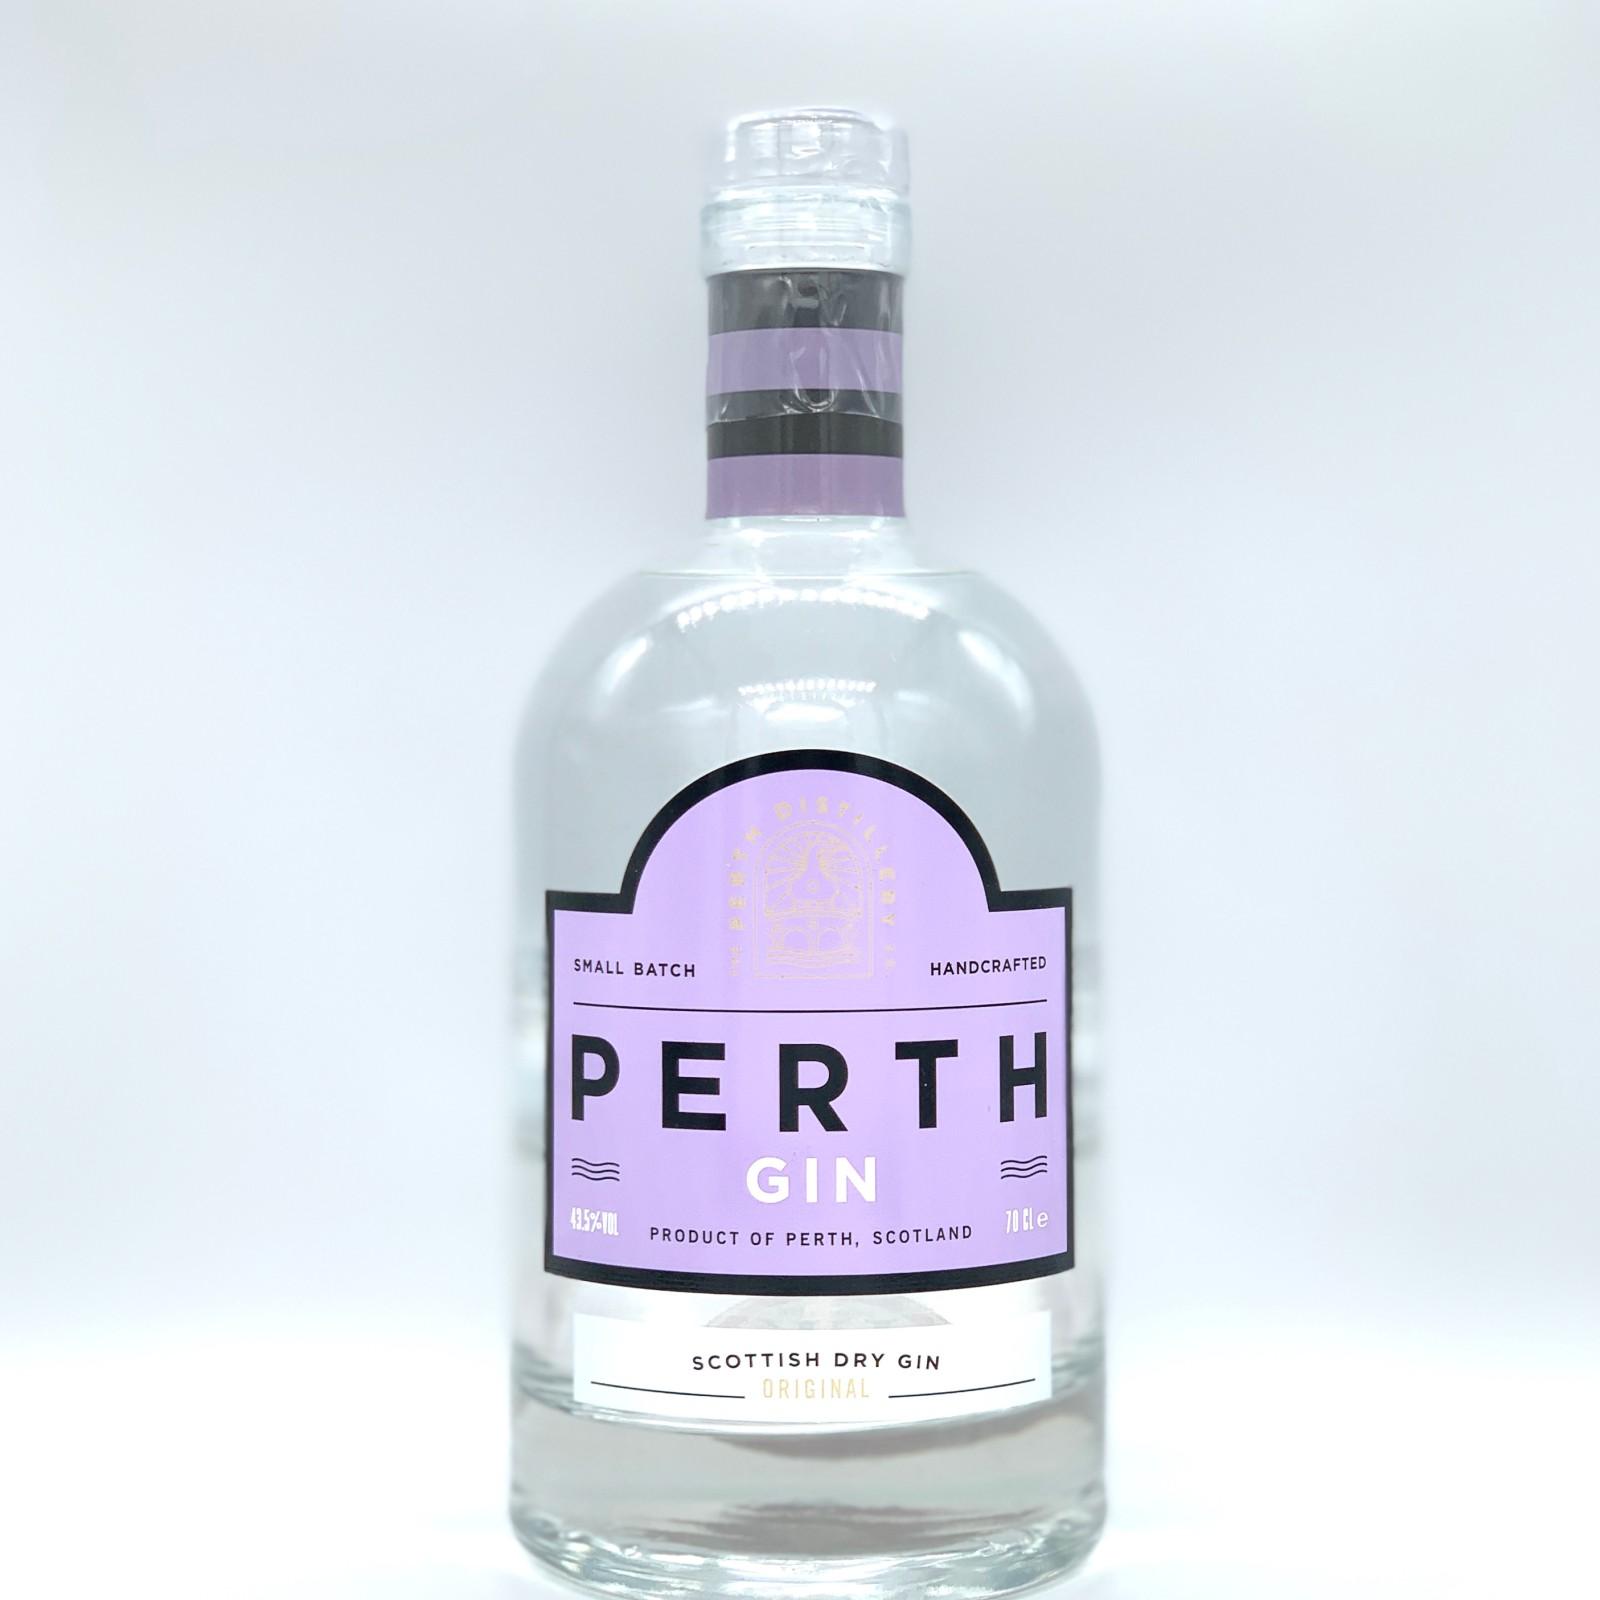 Perth Gin Gins & Gin Liqueurs